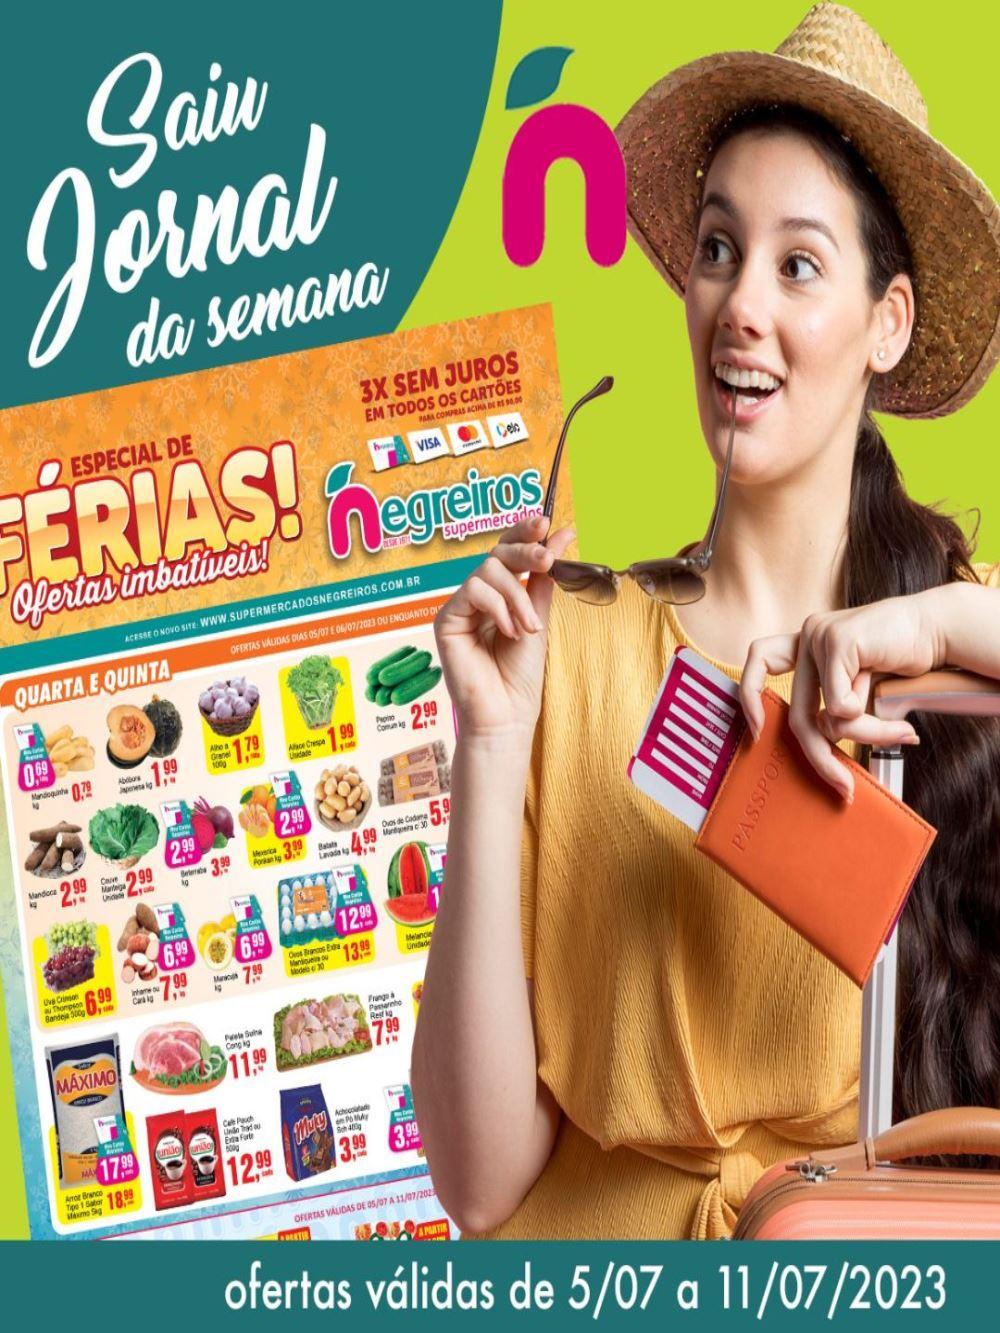 negreiros-ofertas-descontos-hoje1-4 Supermercados